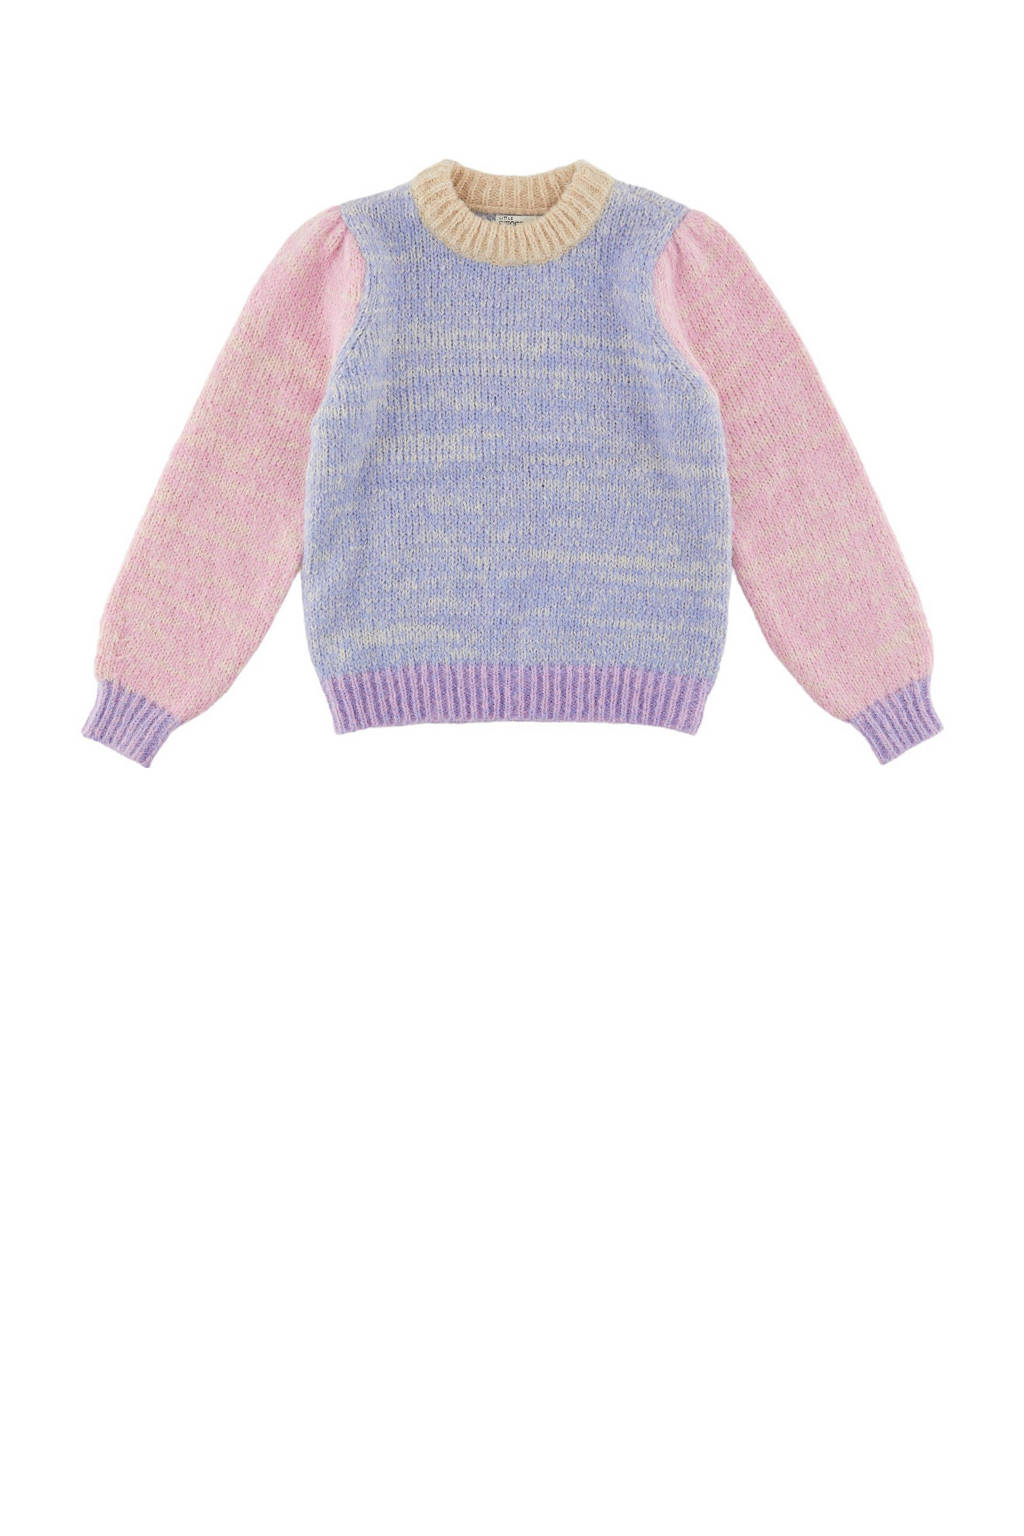 little PIECES trui LPFELISIA van gerecycled polyester paars/blauw/roze, Paars/blauw/roze